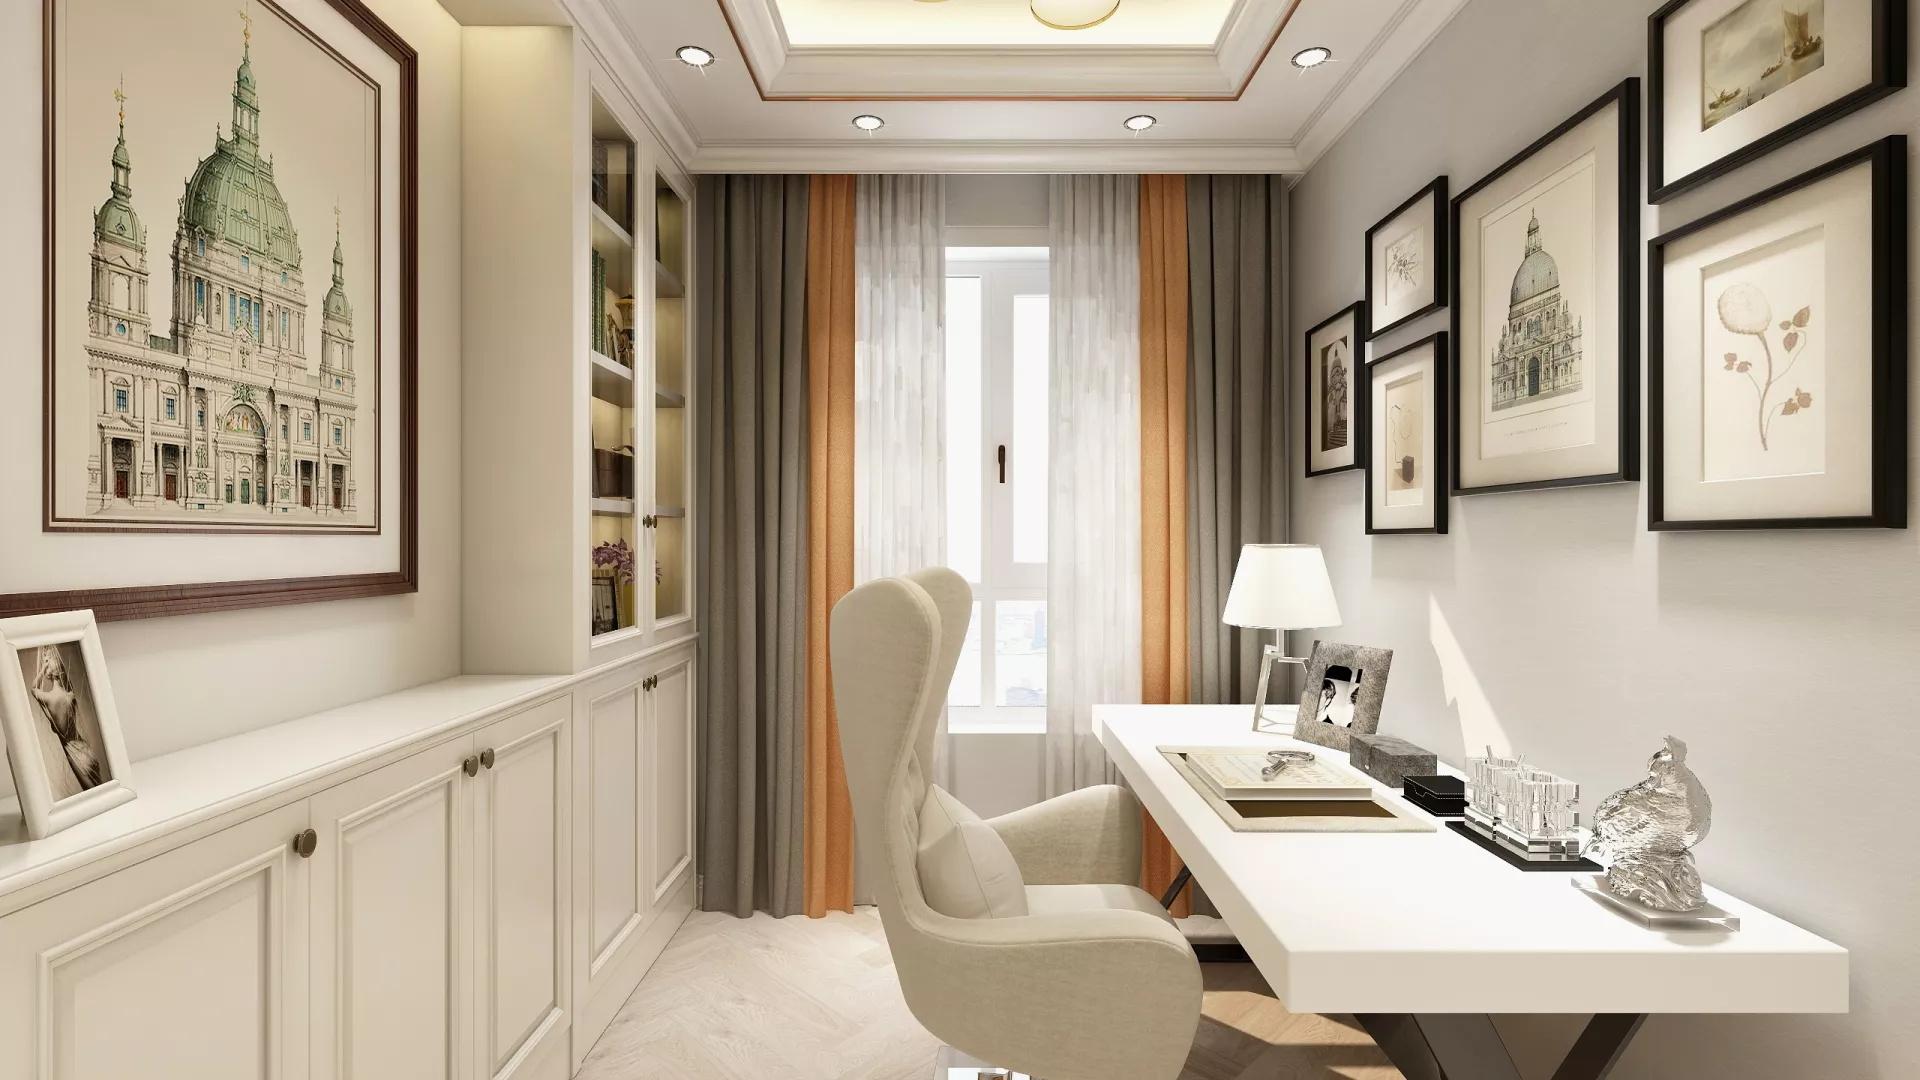 别墅装修价格多少钱一平米 别墅装修设计方法